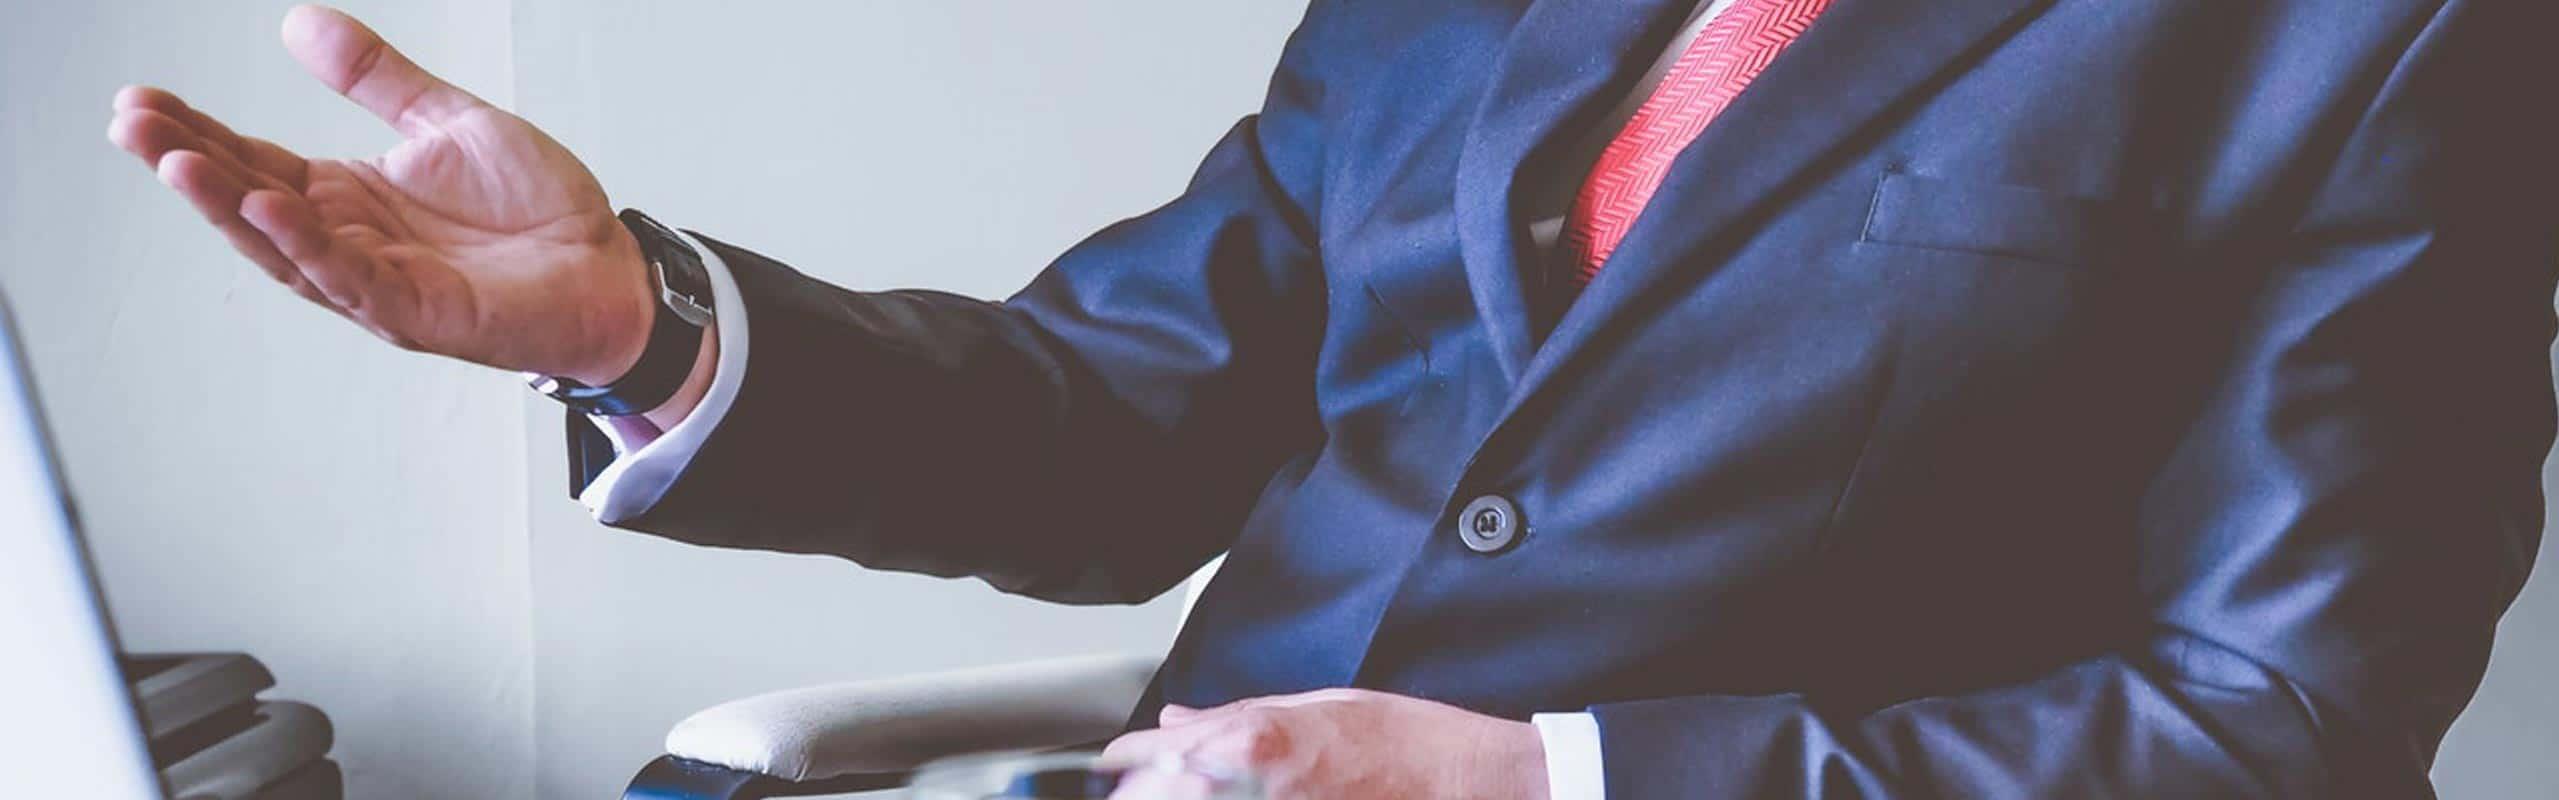 Descubre qué es una persona jurídica y cómo beneficia a una empresa